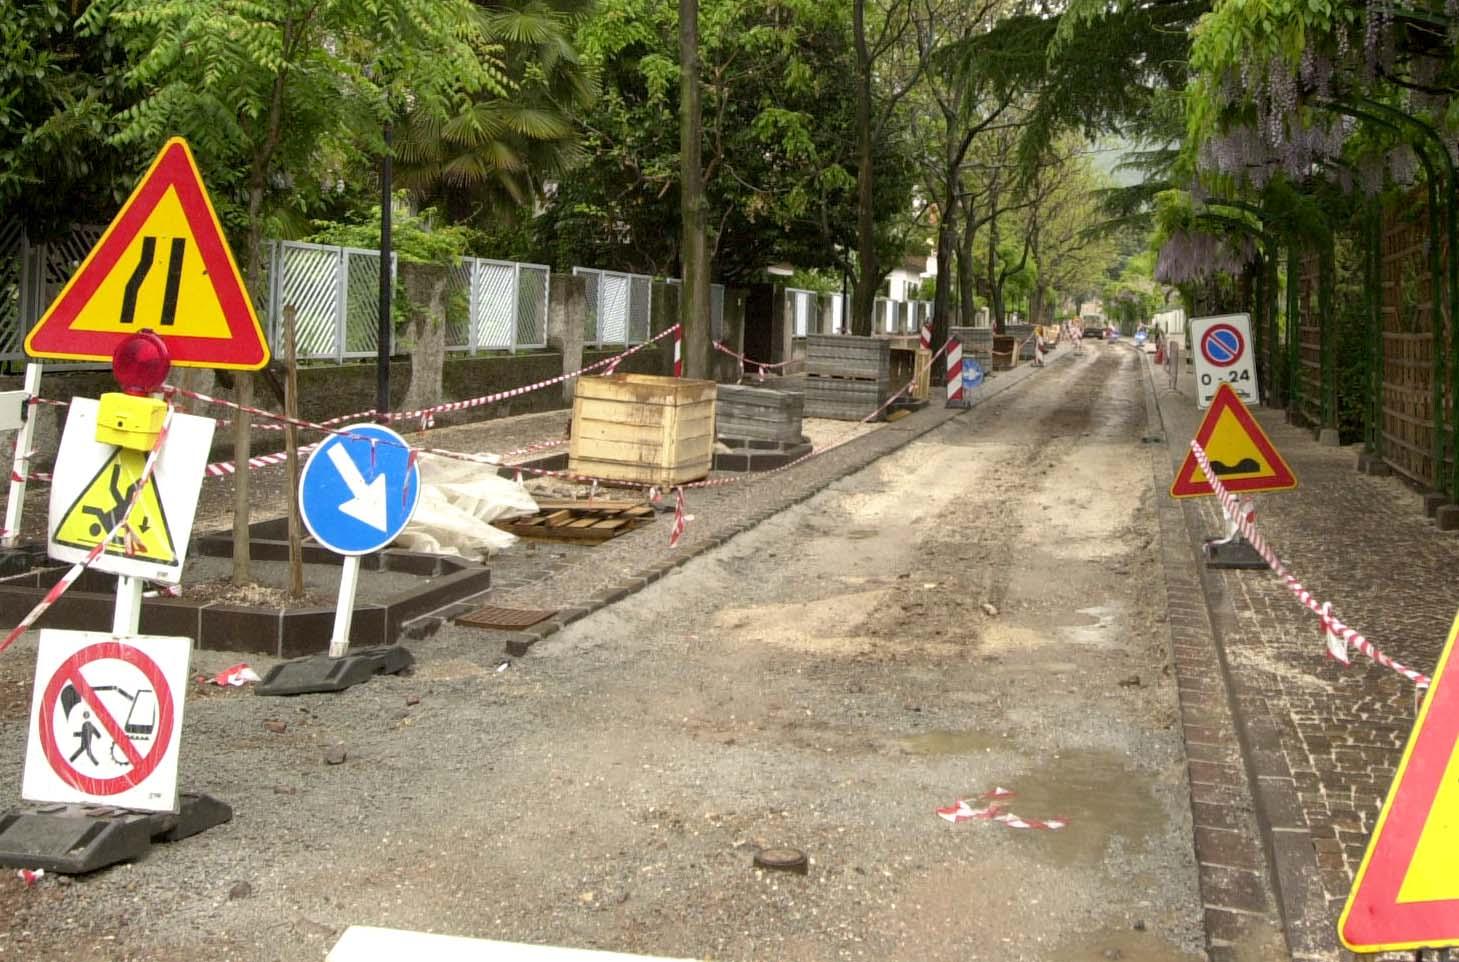 Cantieri Aperti In Sei Strade Urbane: Lavori E Disagi In Città Da Luglio A Settembre